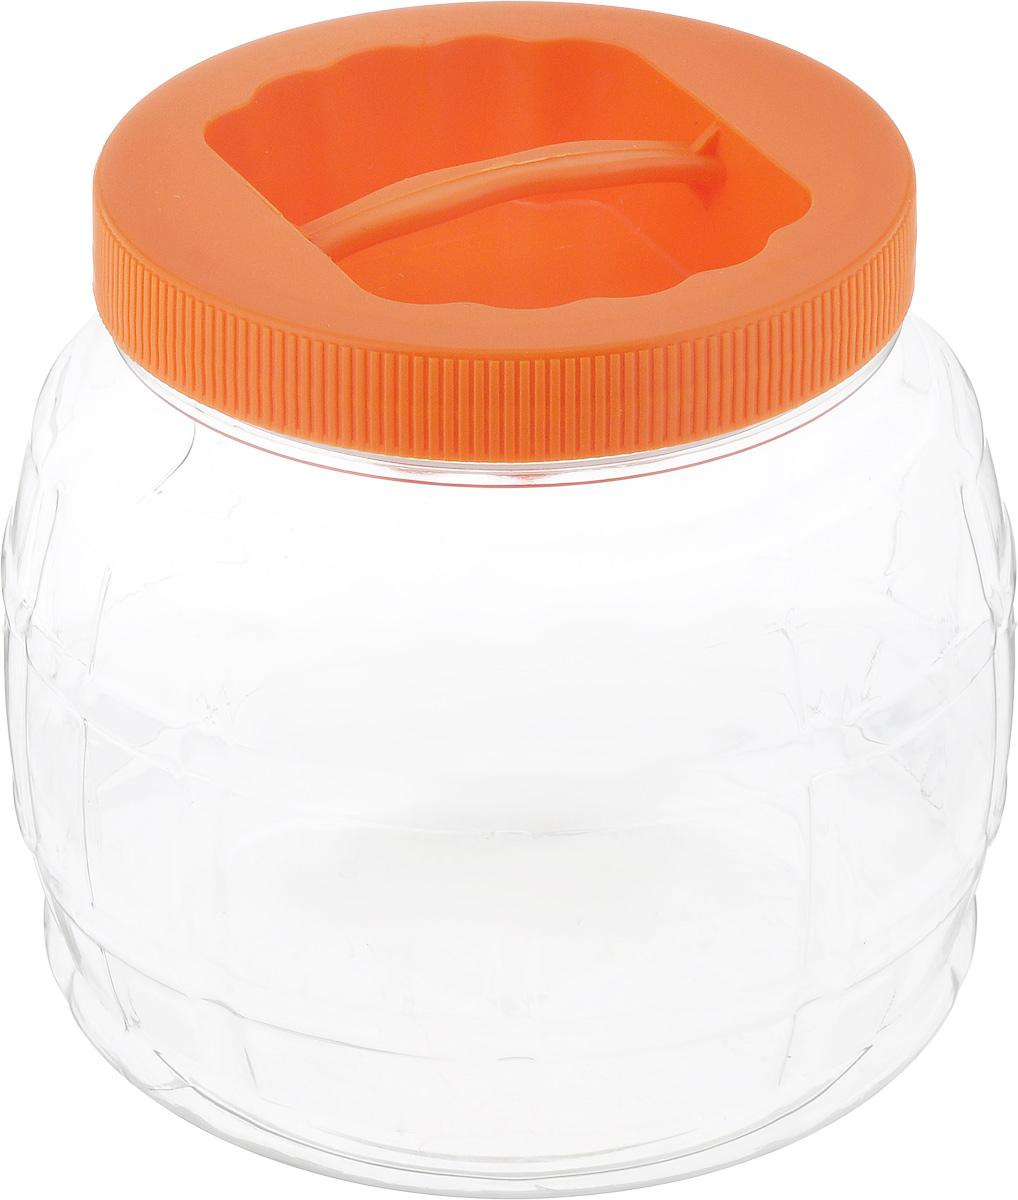 Банка Альтернатива Бочонок, цвет: оранжевый, прозрачный, 1,5 лМ952_оранжевый,прозрачныйБанка Альтернатива Бочонок, выполненная из высококачественного пластика, предназначена для хранения сыпучих продуктов или жидкостей. Крышка оснащена ручкой для удобной переноски. Высота банки (с учетом крышки): 13 см. Диаметр (по верхнему краю): 10,5 см.